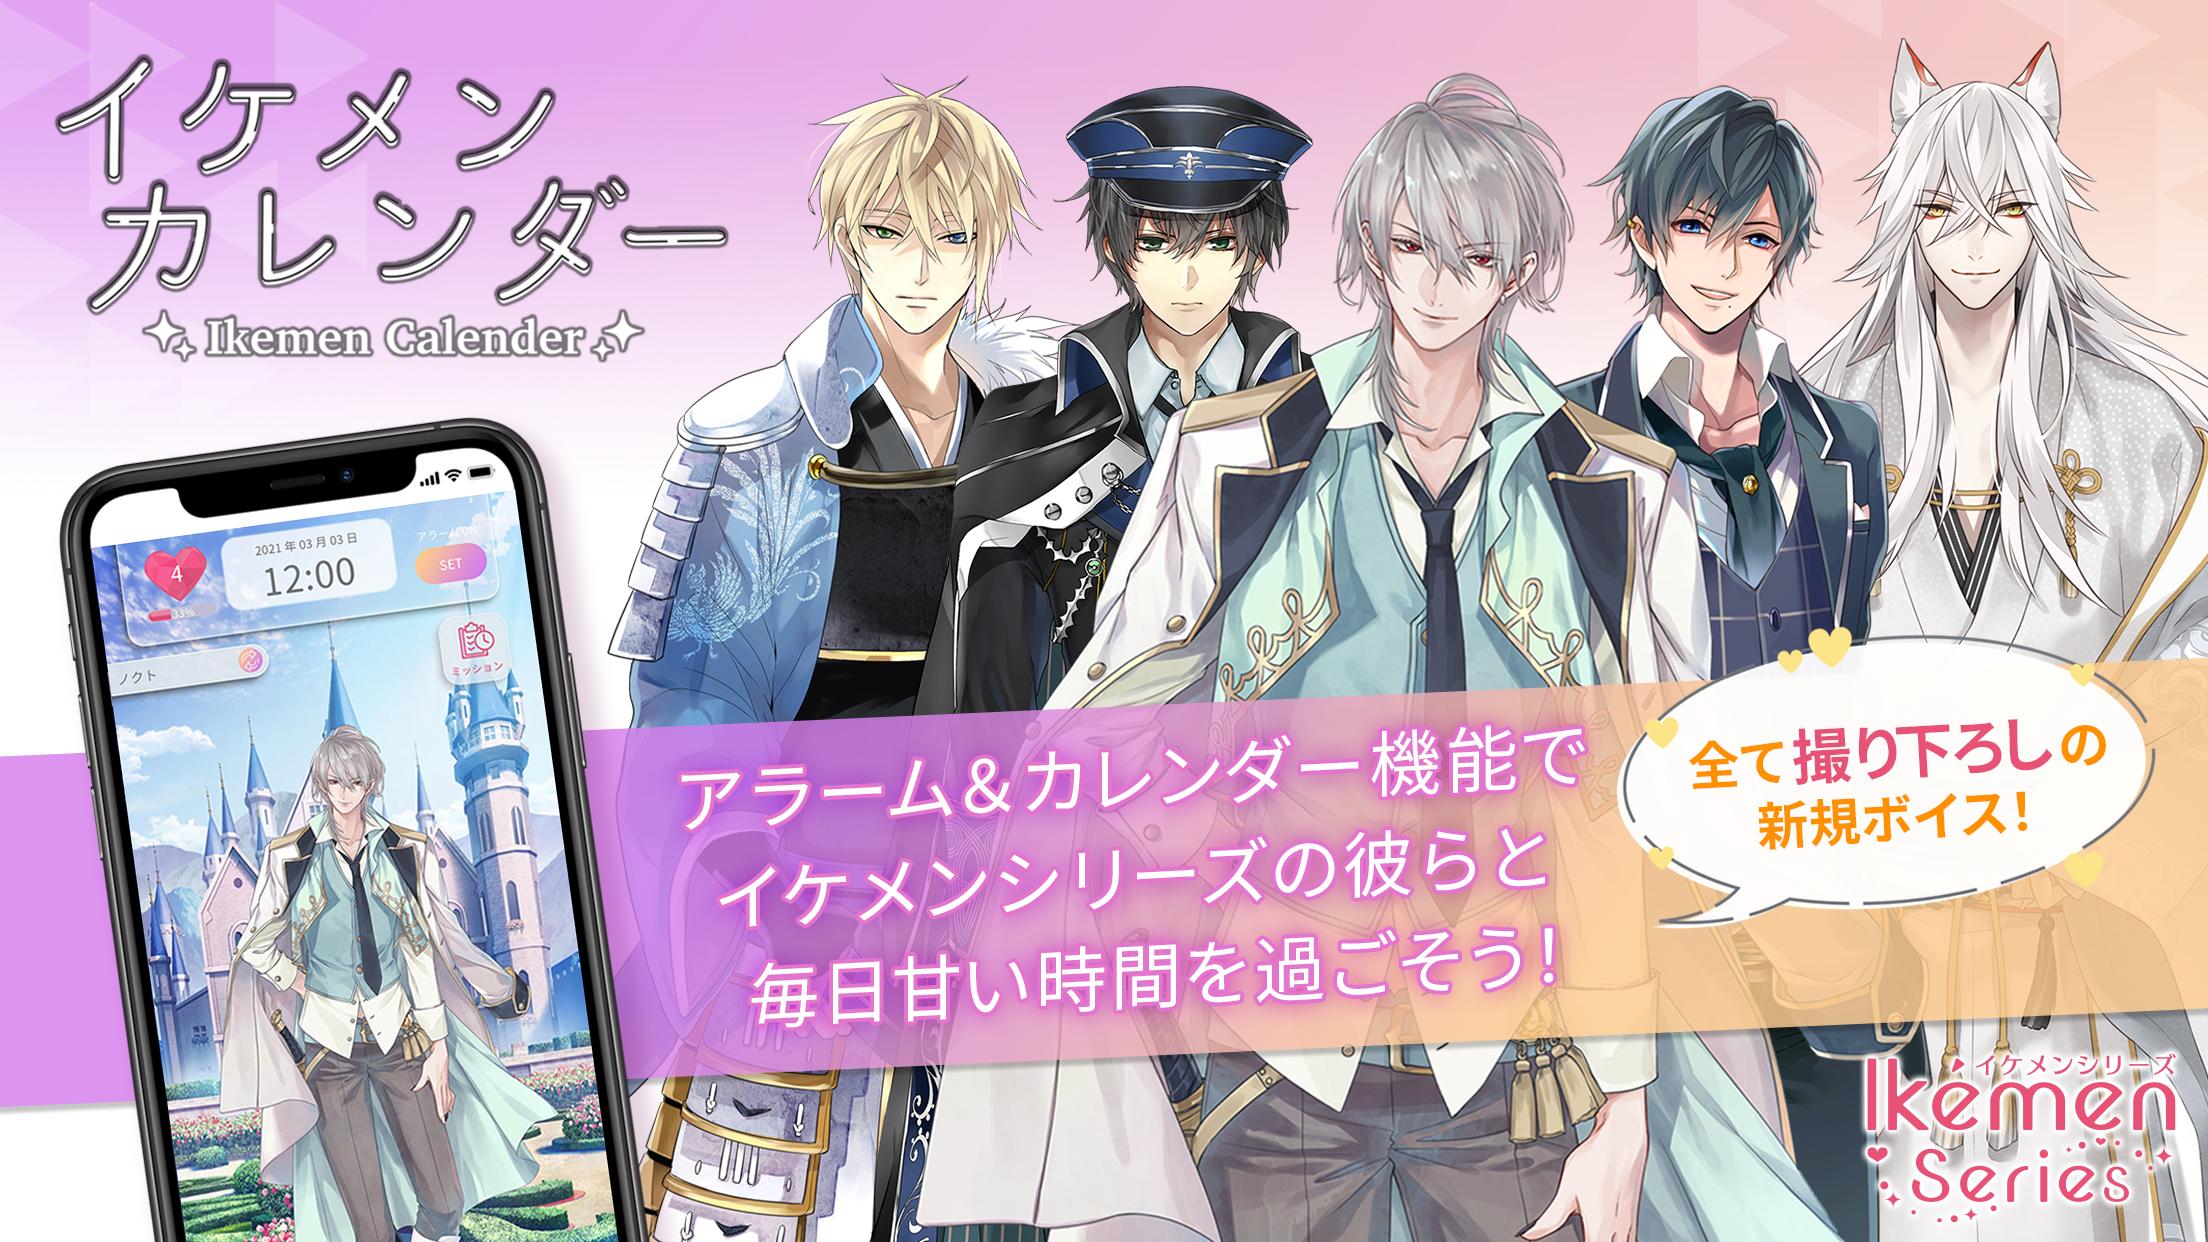 「イケメンシリーズ」アラーム&カレンダーアプリリリース!江口拓也さん、下野紘さんらの撮り下ろしボイスで甘い時間を過ごそう